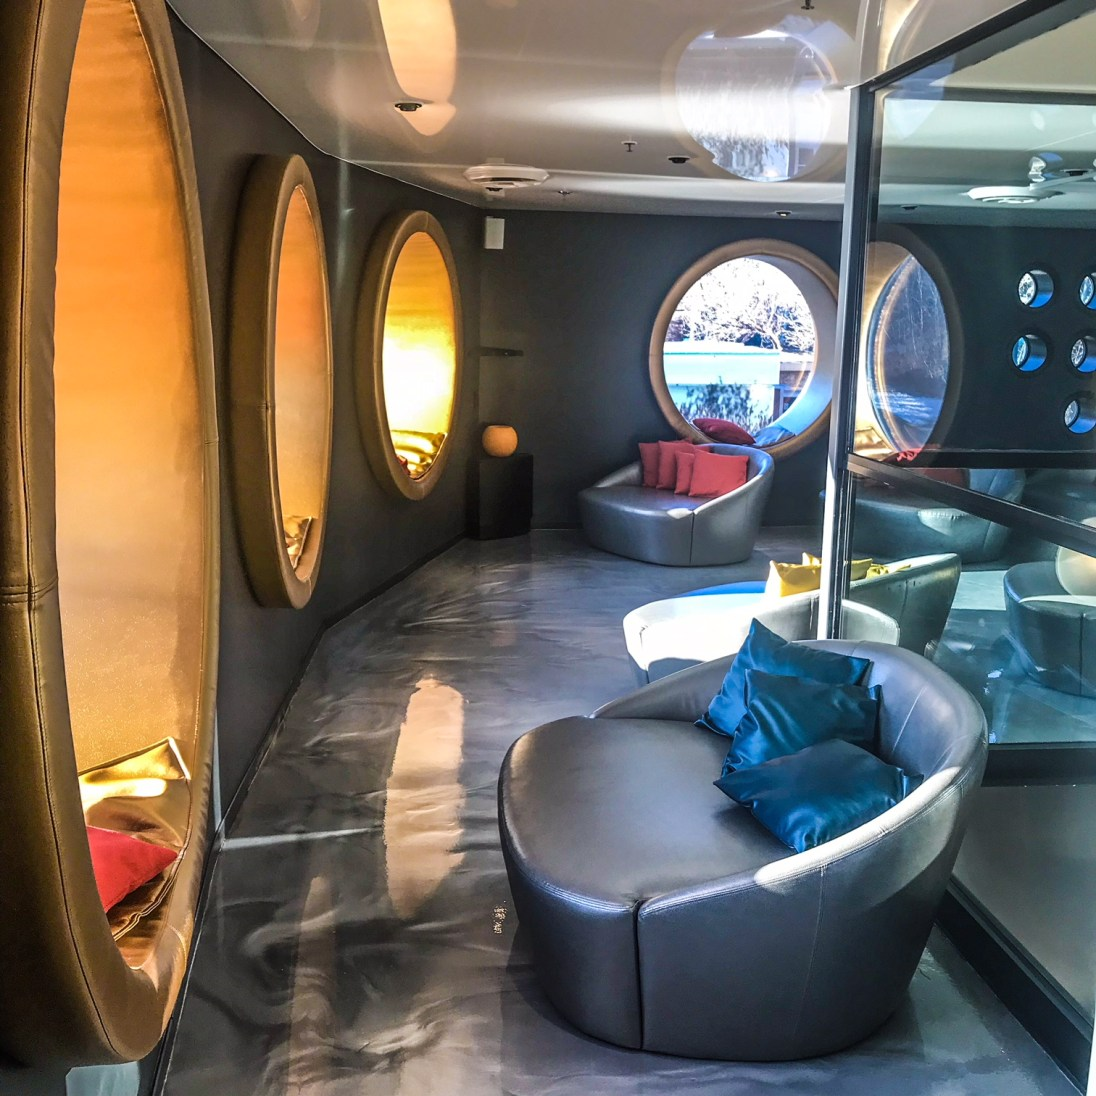 Bota Bota - Relaxation Room